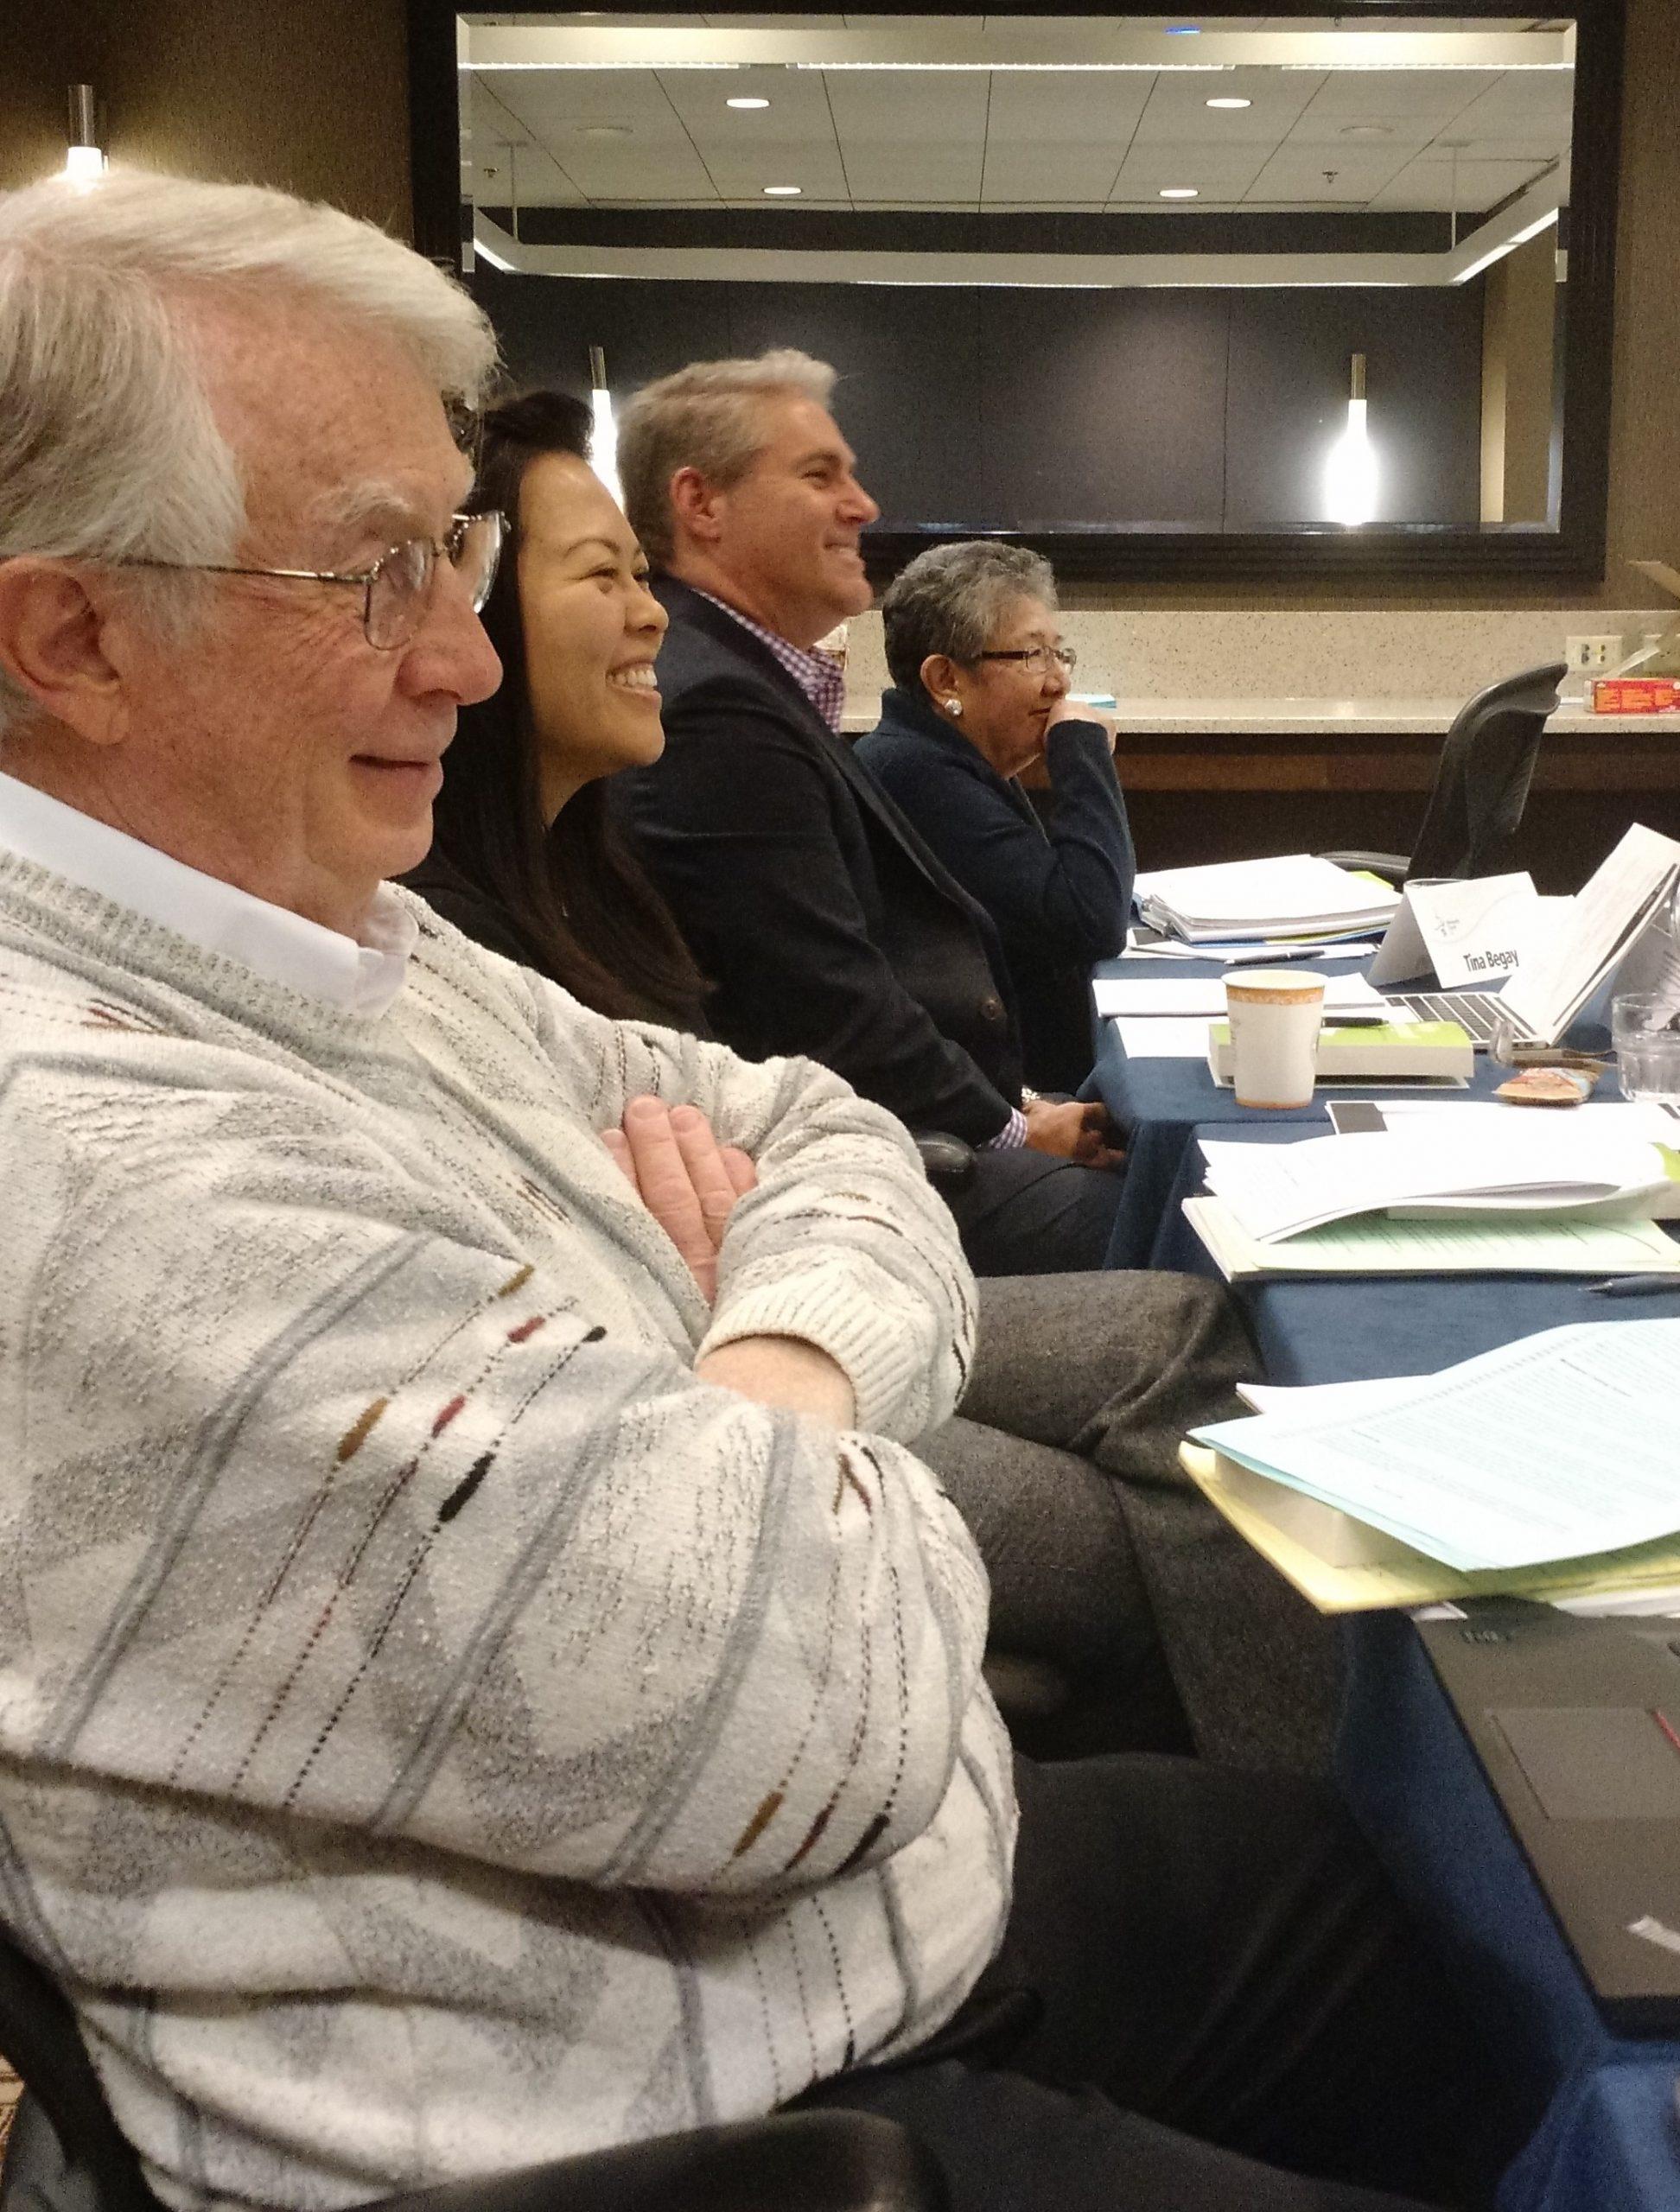 Miembros de la junta ejecutiva de la Iglesia Menonita de EE. UU. en su reunión de febrero del 2016 cerca de Chicago: (de izq. a der.) Earl Kellogg, Joyce Kusuma, Jim Caskey, Tina Begay. (Foto de Janie Beck Kreider)